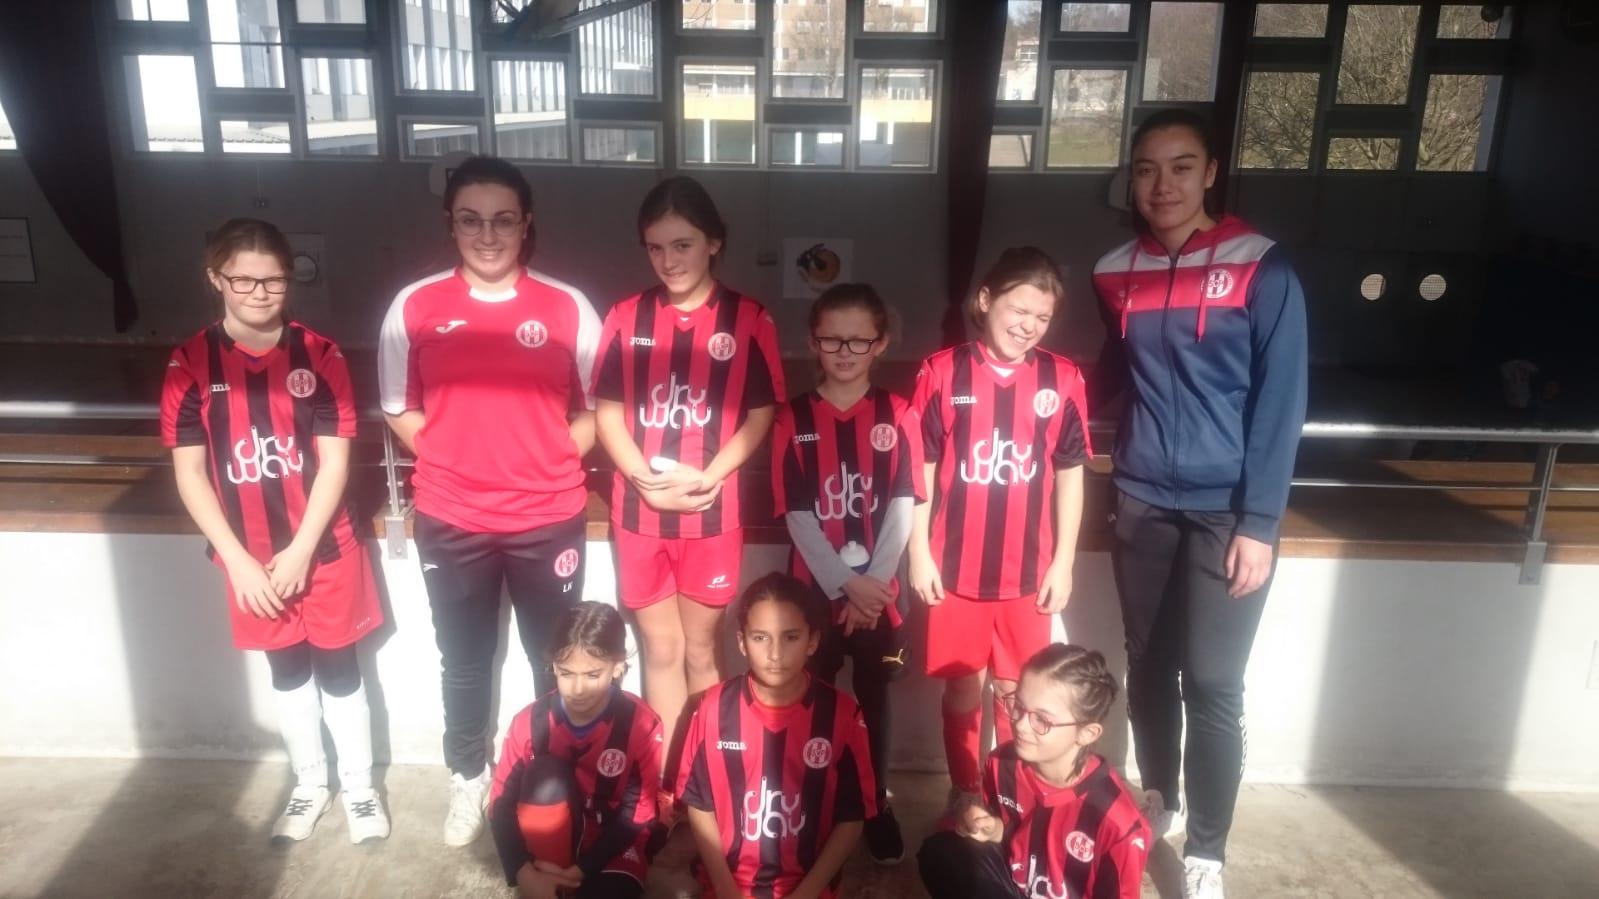 SCP 2019-02-09 - U11-F - Lectoure futsal 1